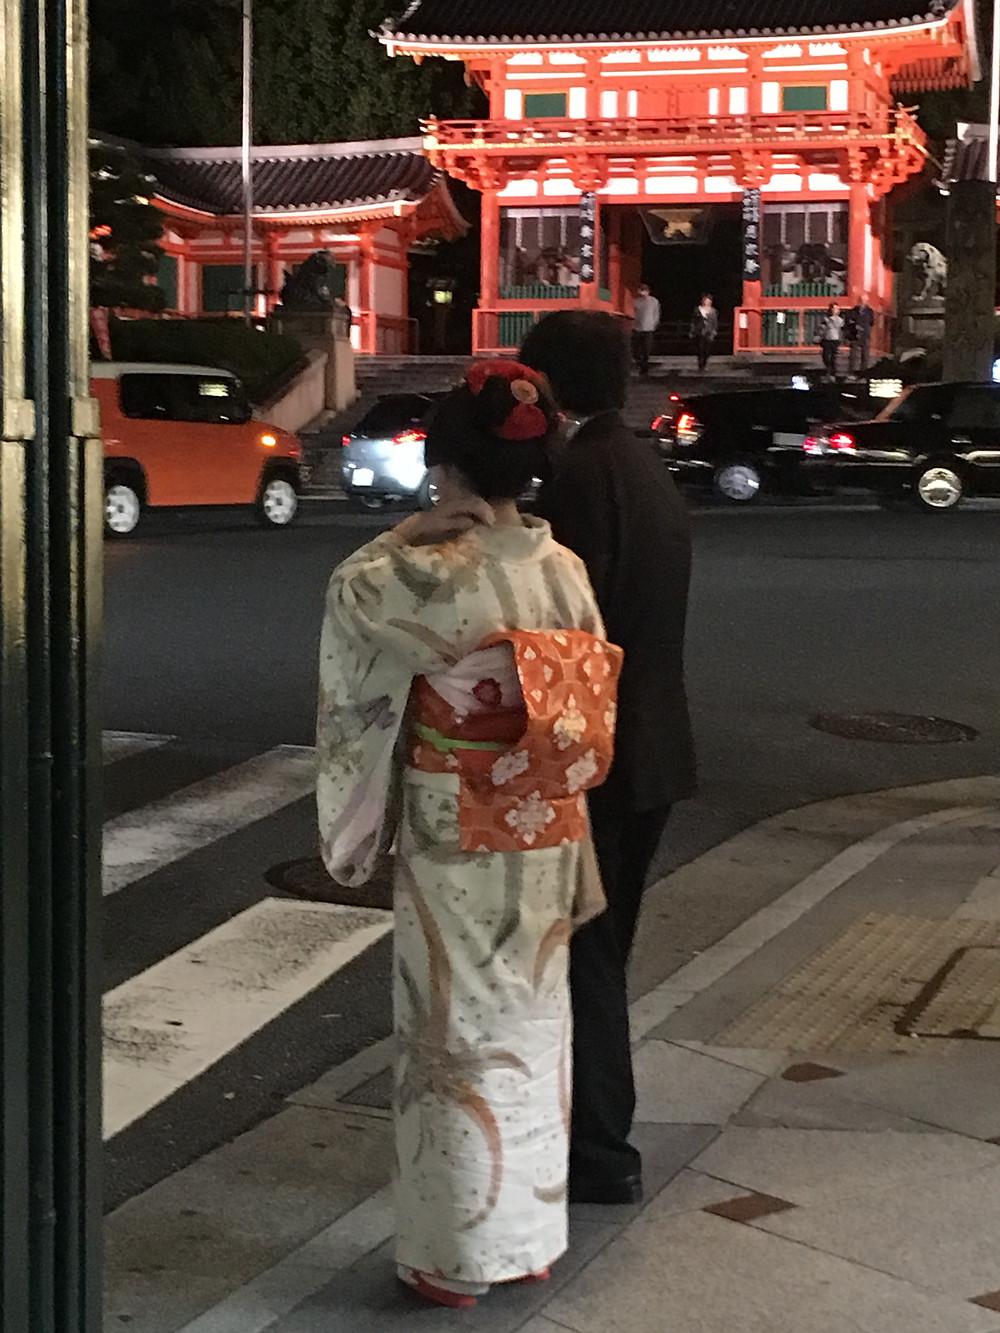 gueixa parada no sinal, do lado de um homem, ao fundo o Santuáro Yasaka-jinja,